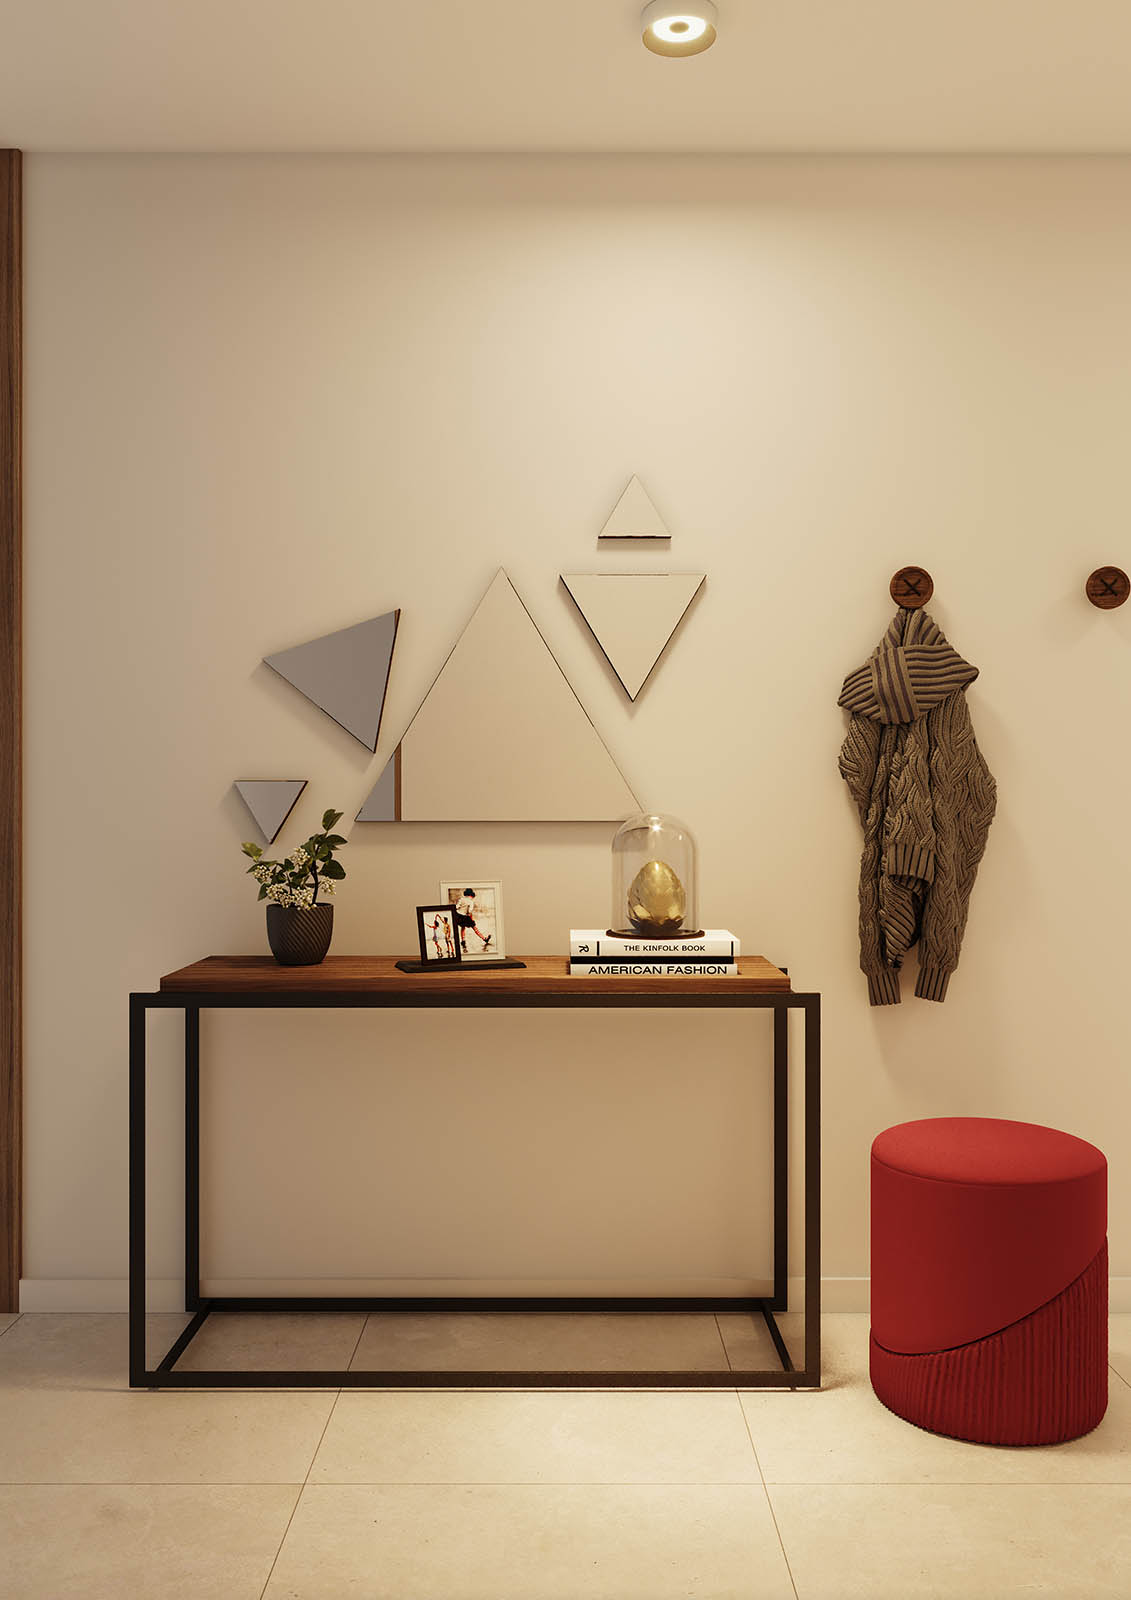 entrada-espelho-triangular-pouf-vermelho-consola-ferro-preto-nogueira